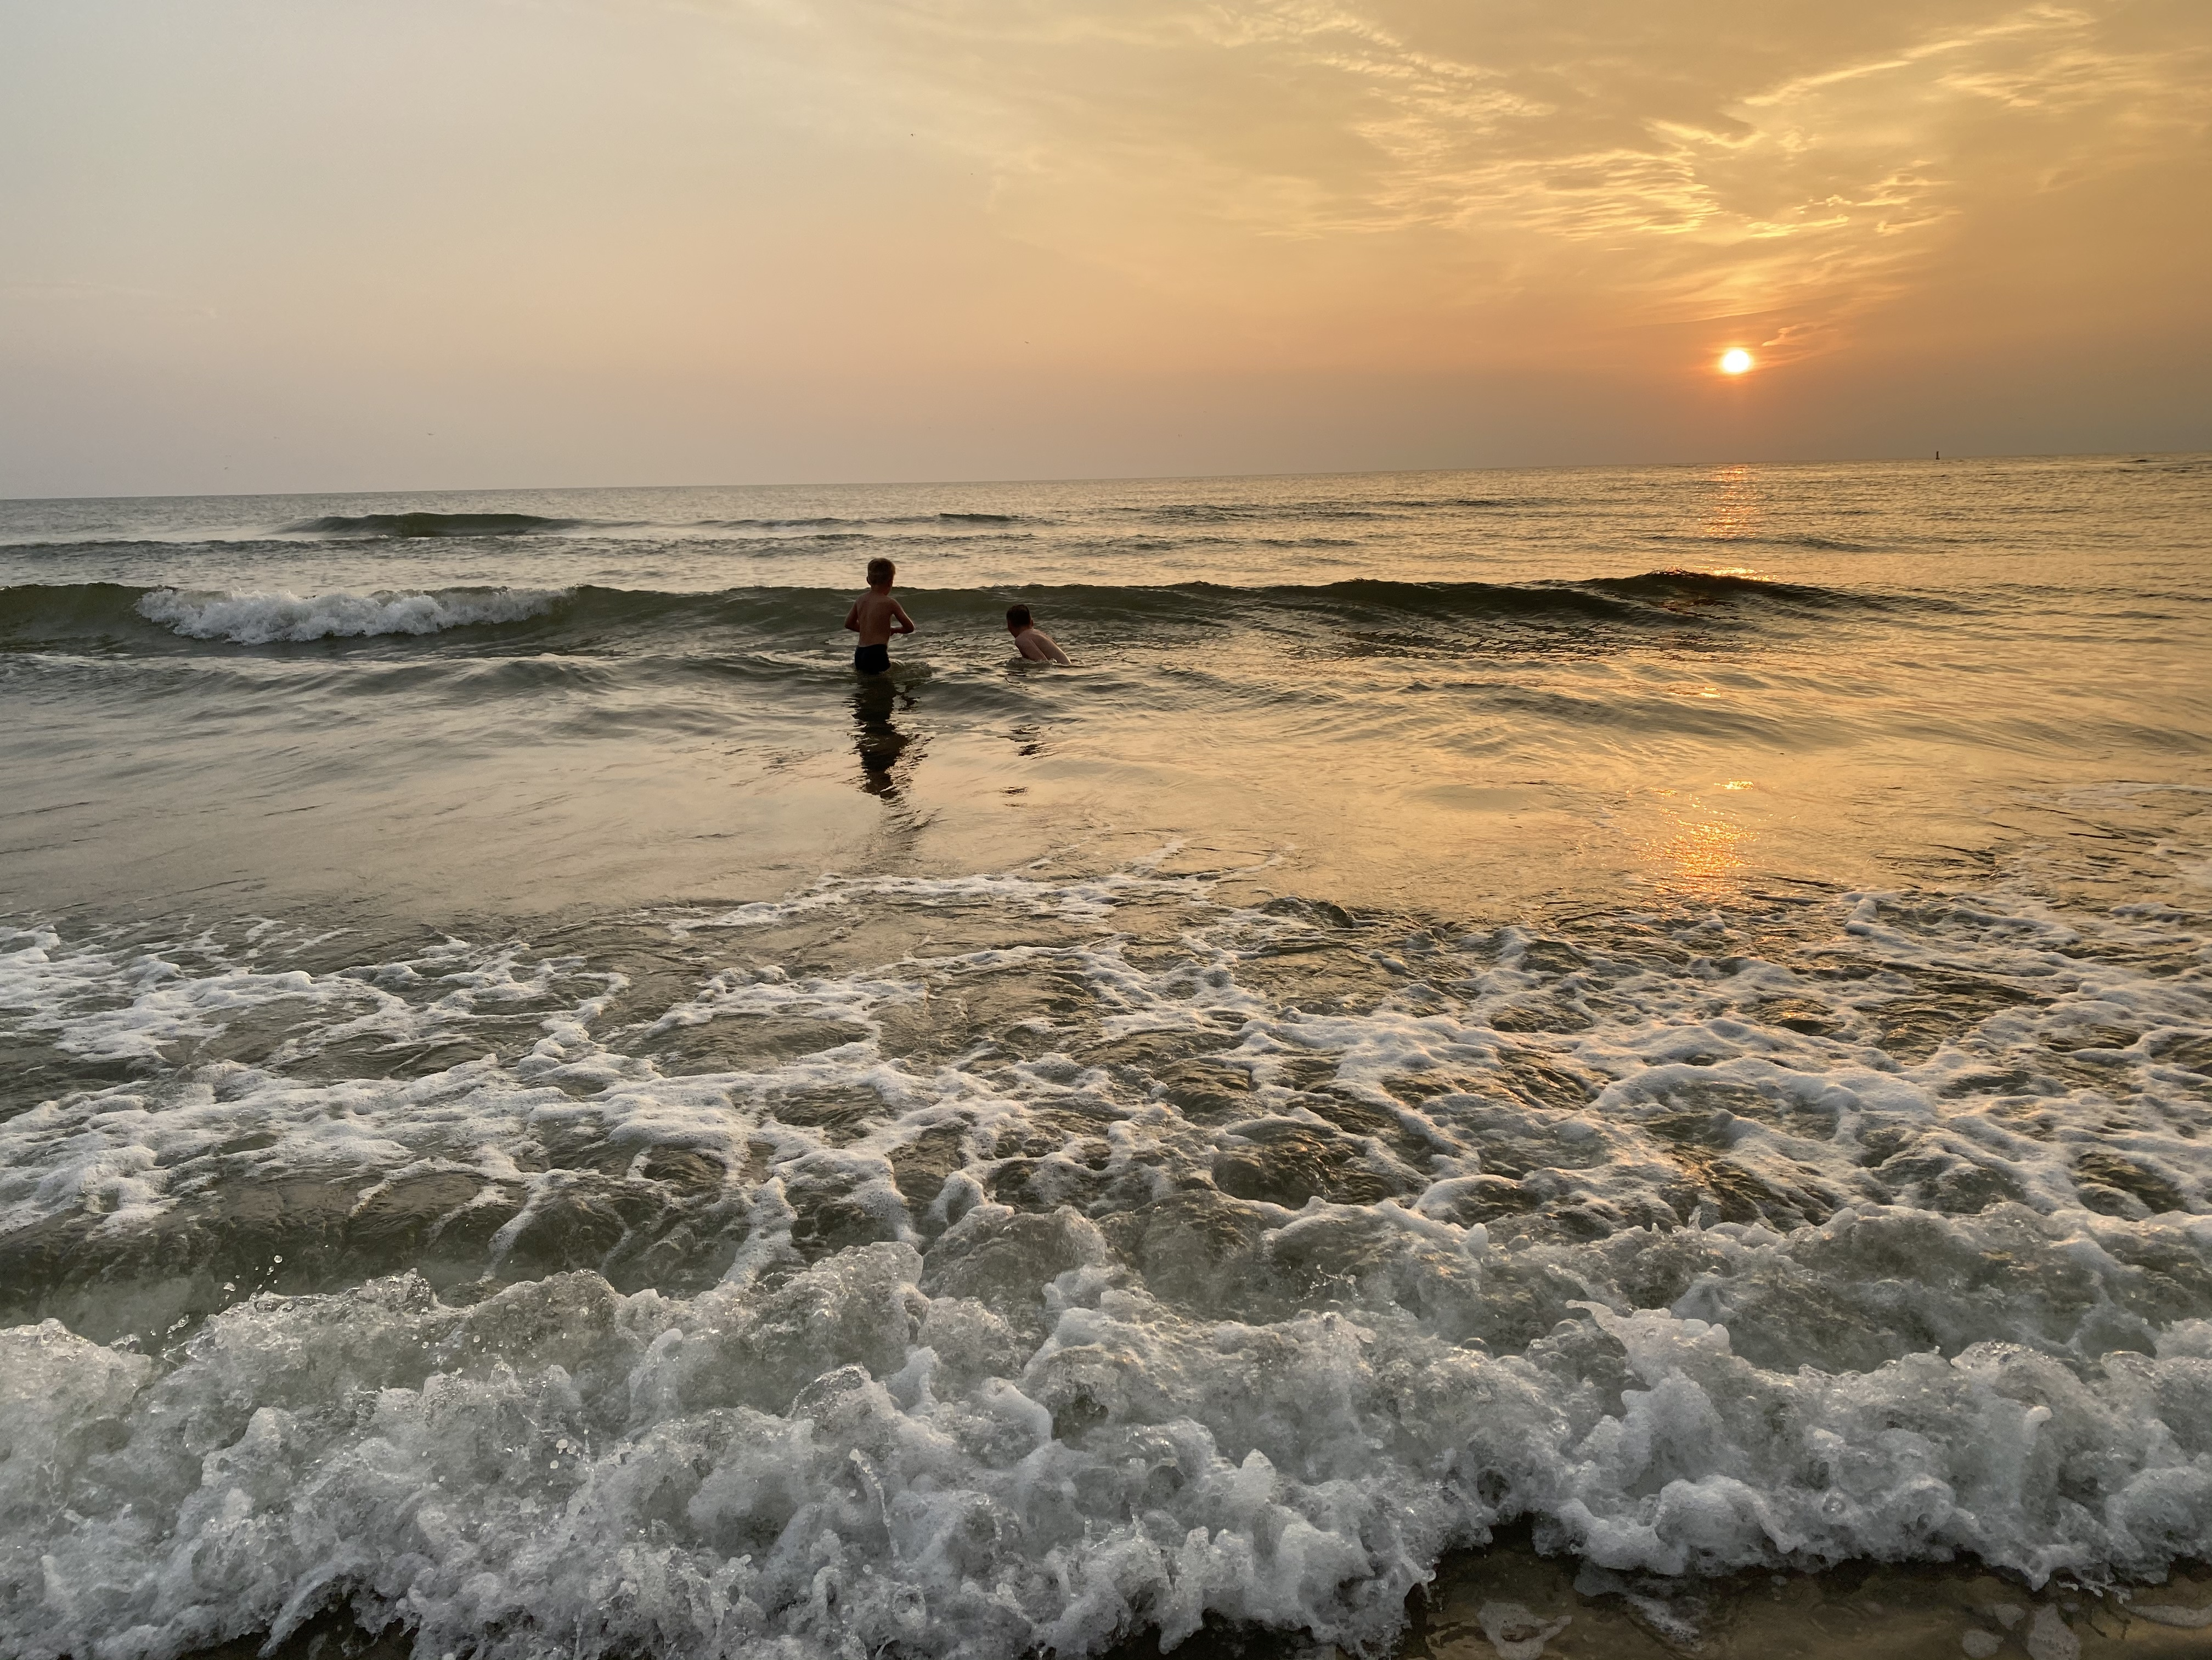 Kinderen zwemmen in zee zonsondergang VVV Texel Jera van der Linde